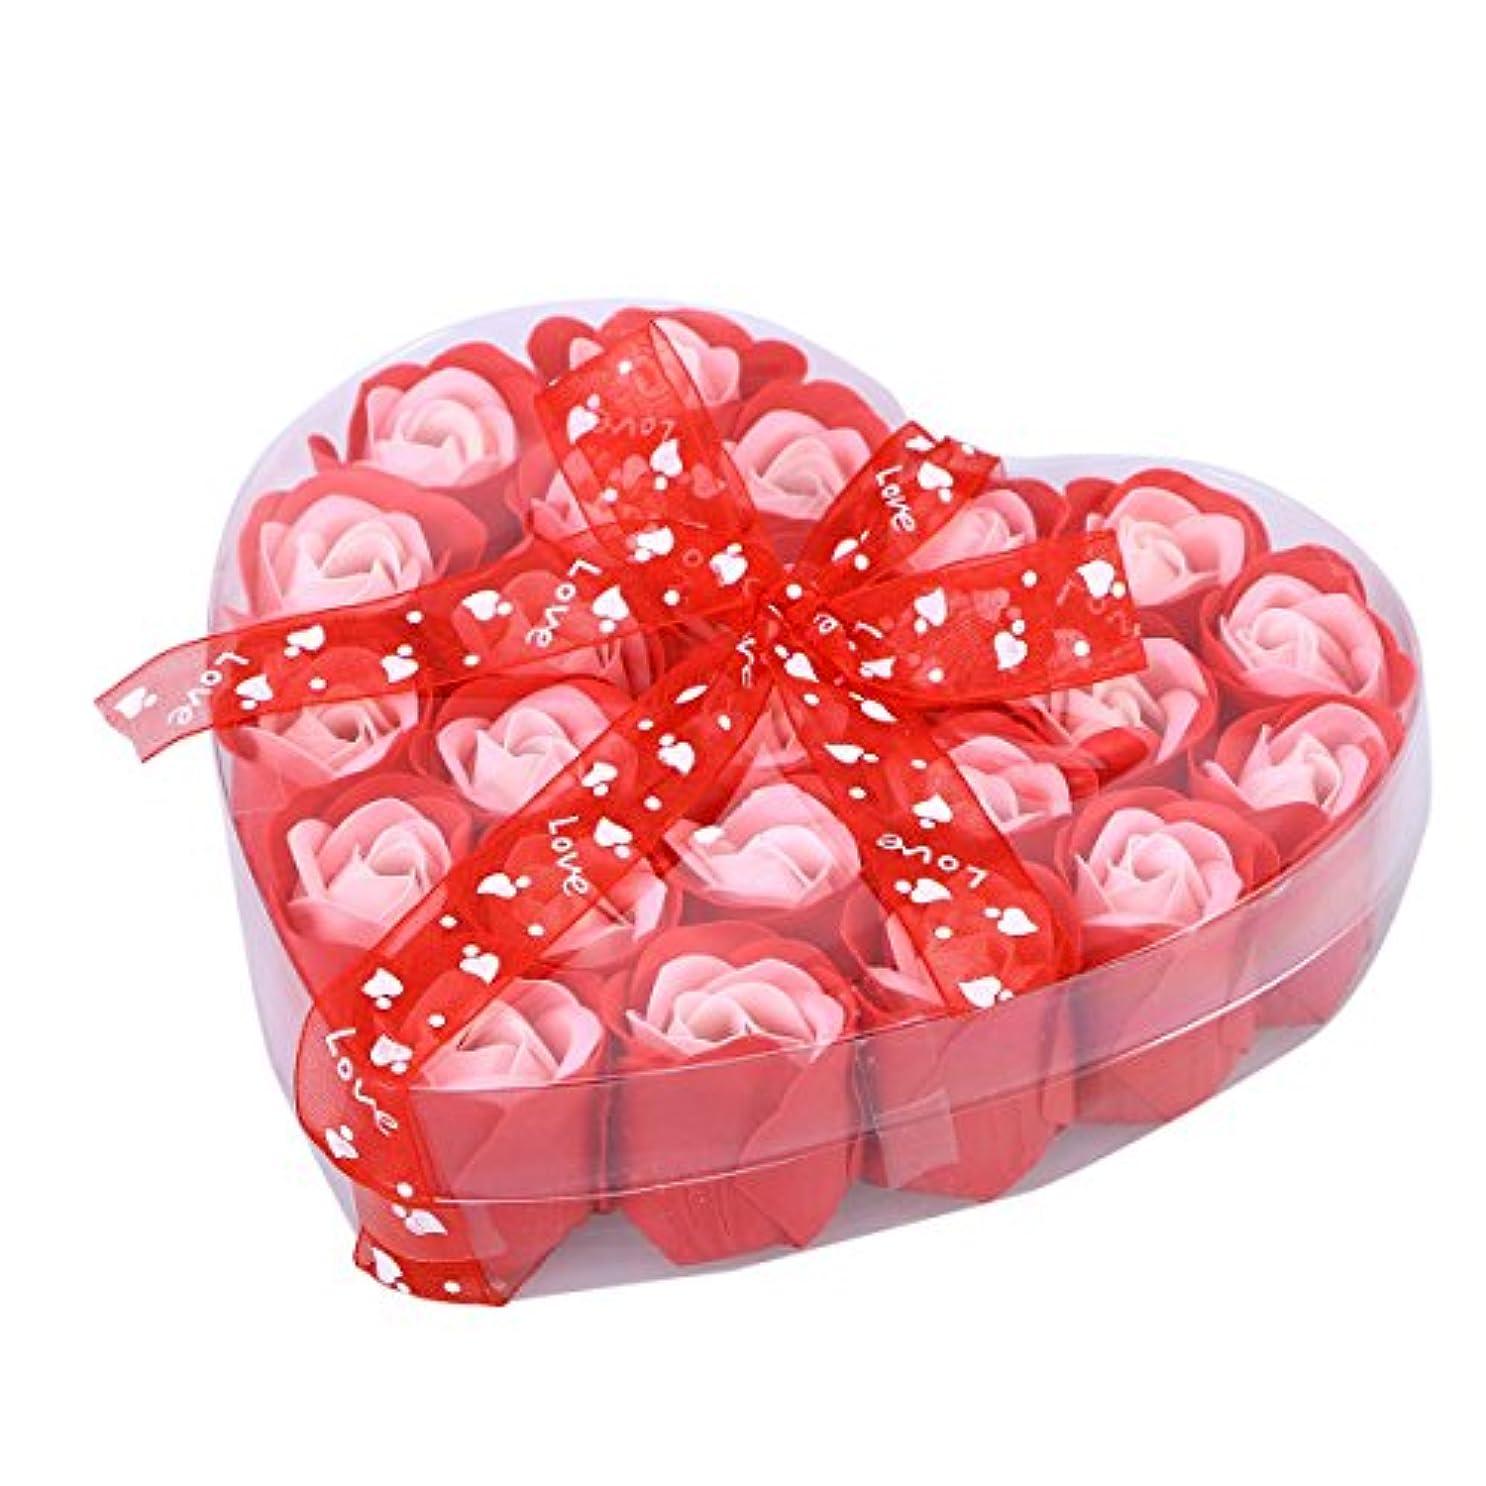 珍味プラスチック収入HEALLILY ローズソープフラワー手作りローズ香り風呂石鹸花びら用ハートボックス友人用家族の贈り物24枚(ランダムリボン)